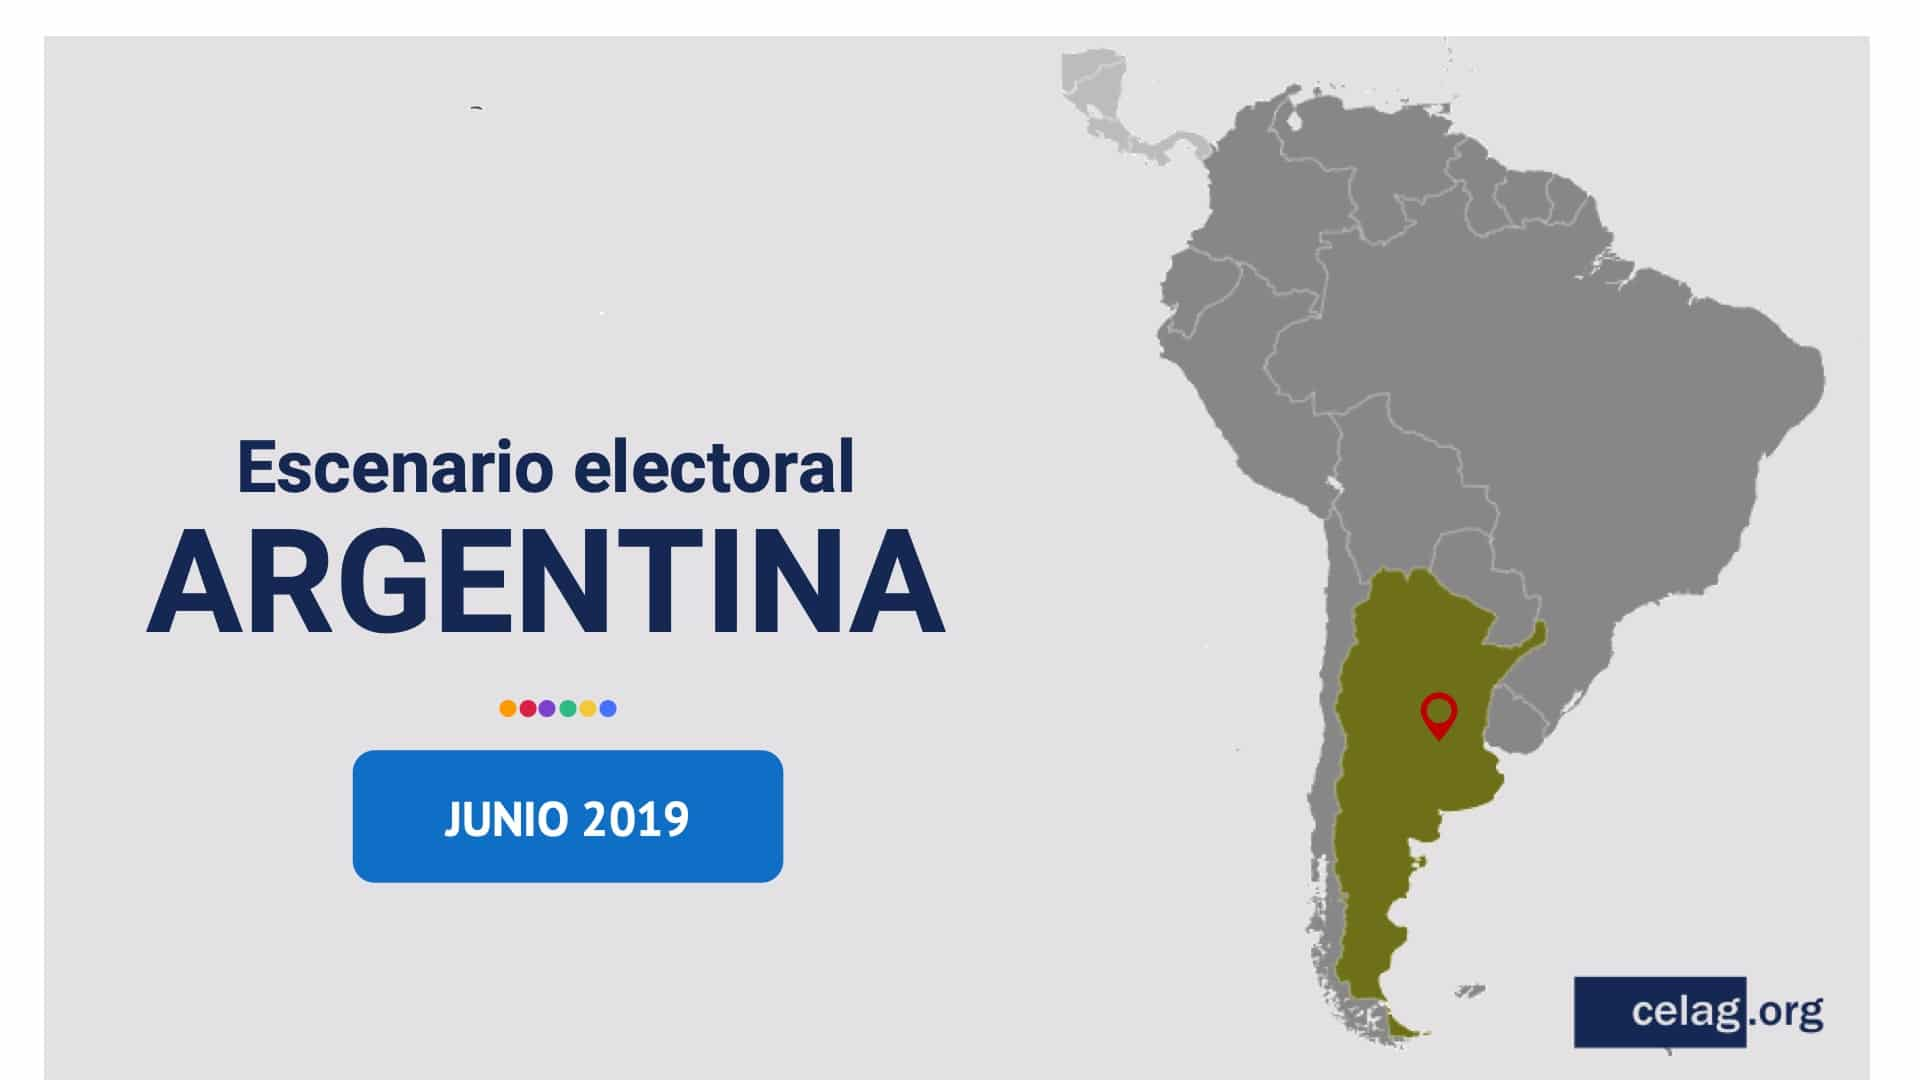 Encuesta electoral Argentina